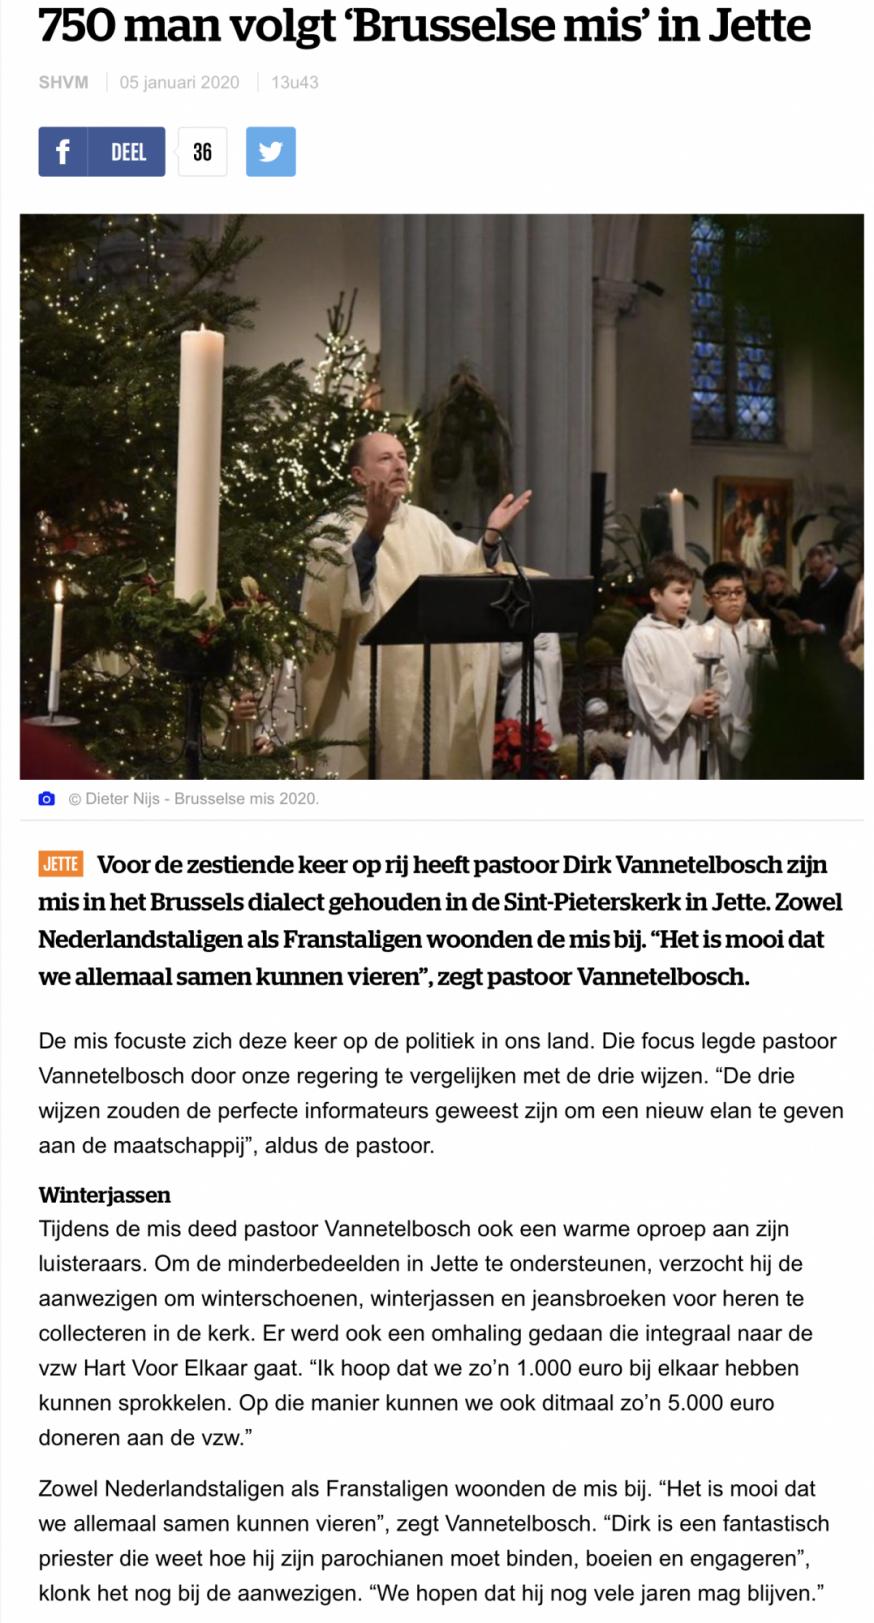 Brusselse mis in Jette 2020 © HLN